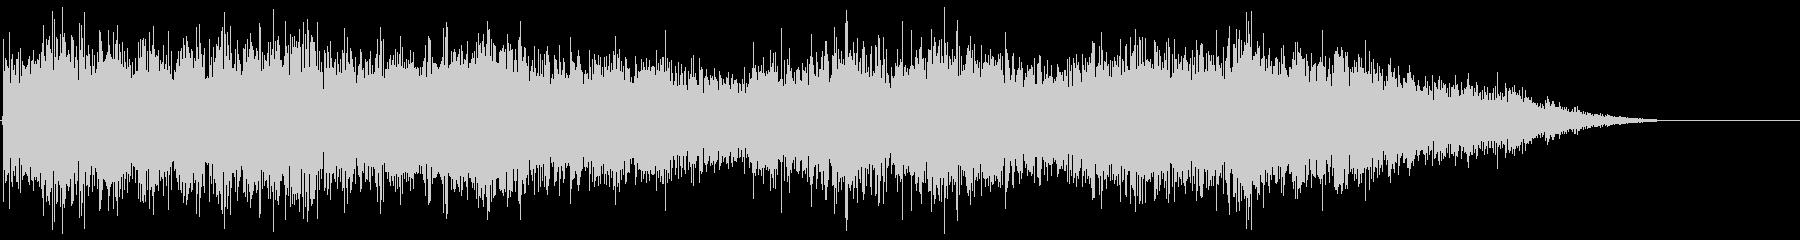 ヘビーメタルムーブメント1の未再生の波形